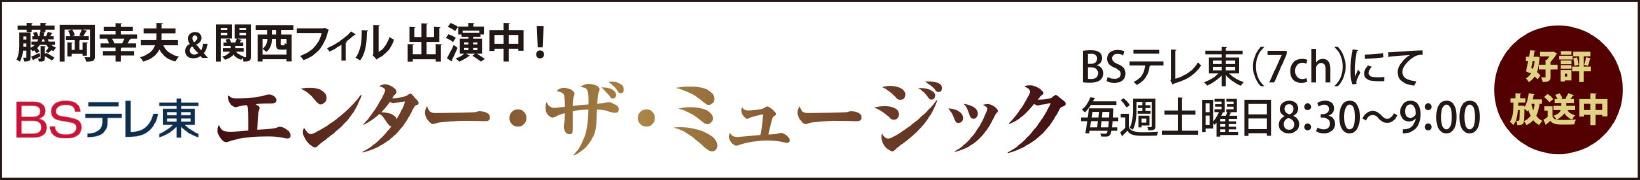 エンター・ザ・ミュージック BSテレ東 藤岡幸夫&関西フィル出演中!BSテレ東(7ch)にて毎週土曜日8:30~9:00 好評放送中